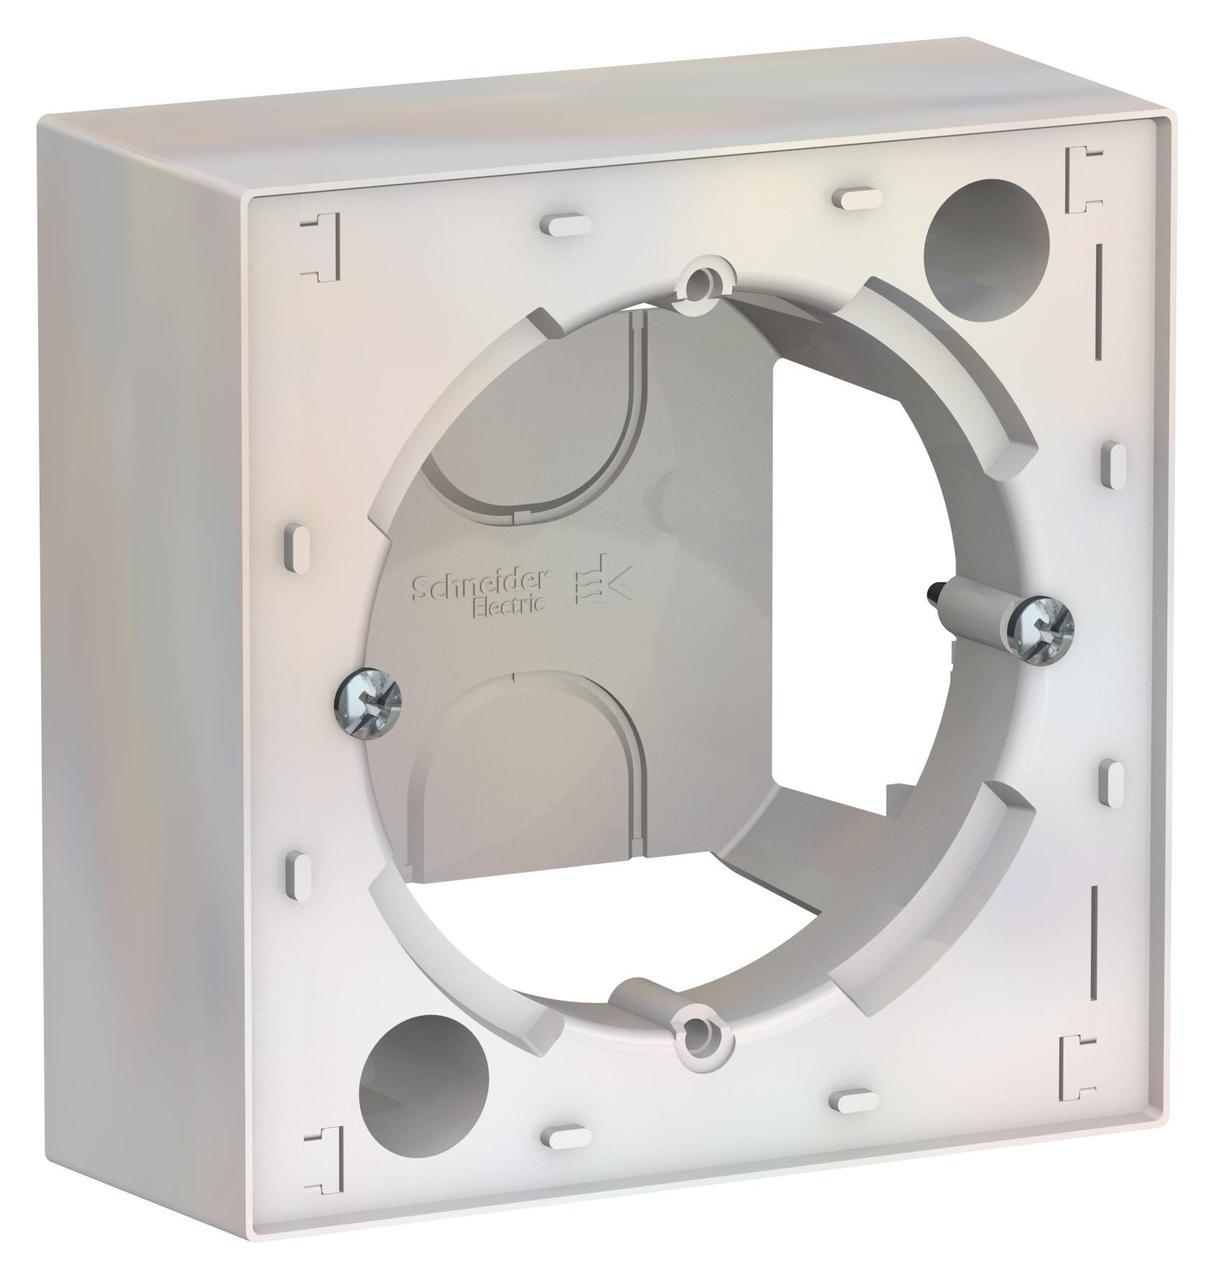 Рамка подъемная 1-ая , Жемчуг, серия Atlas Design, Schneider Electric